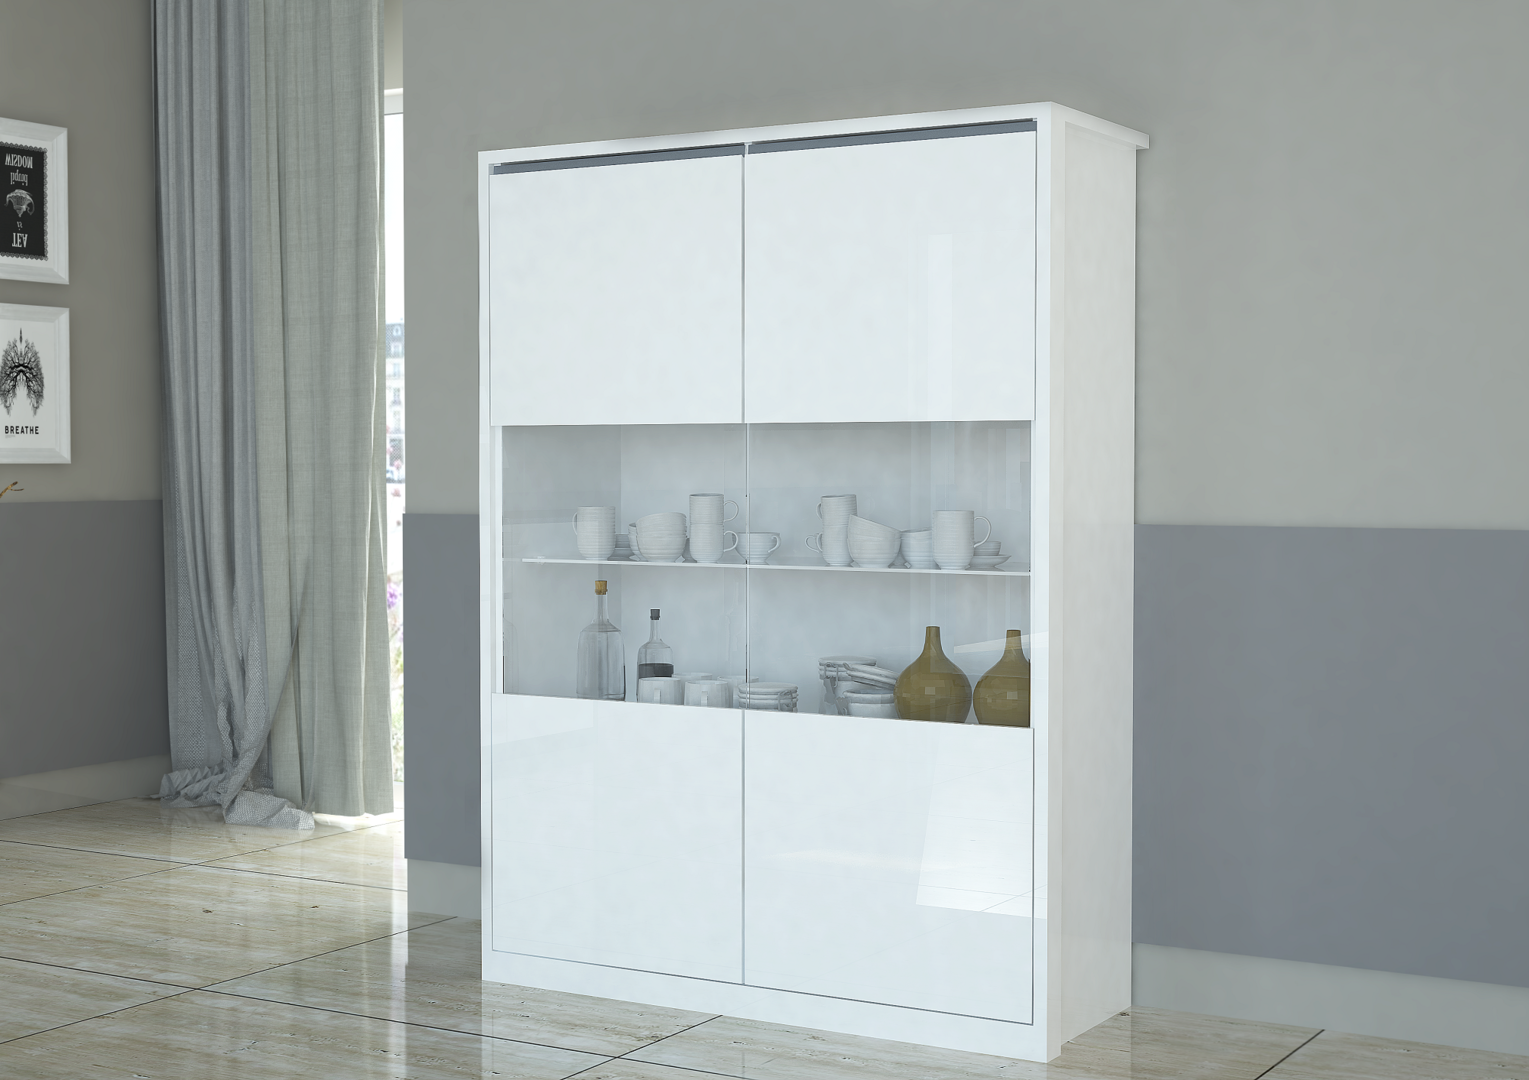 Vetrina moderna avana credenza bianca mobile soggiorno Mobile soggiorno bianco